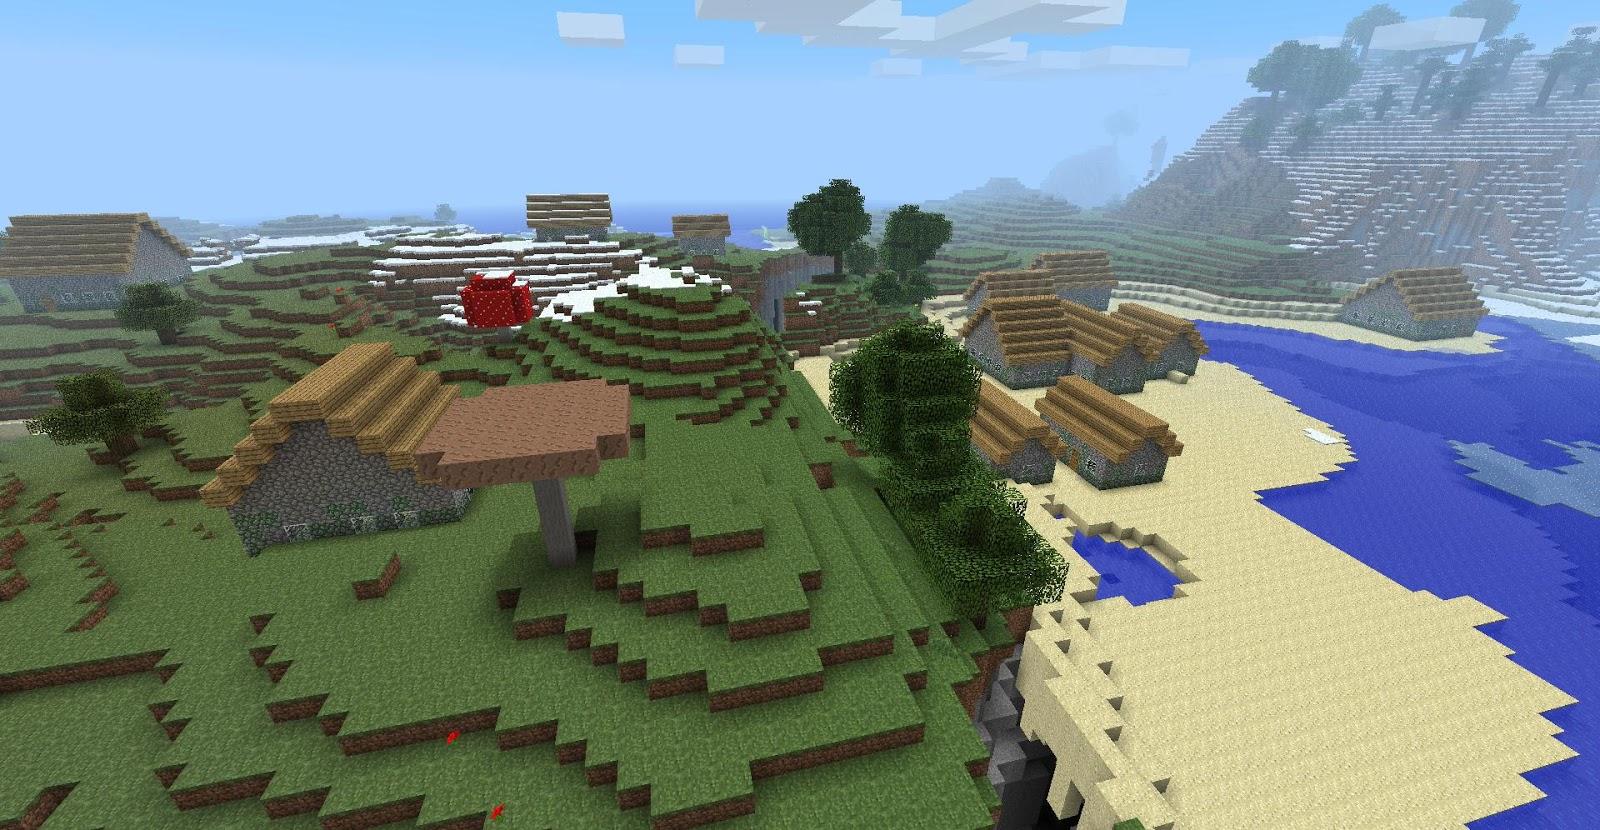 8-Bit City: Rare Minecraft Alpha Screenshotsalpha village